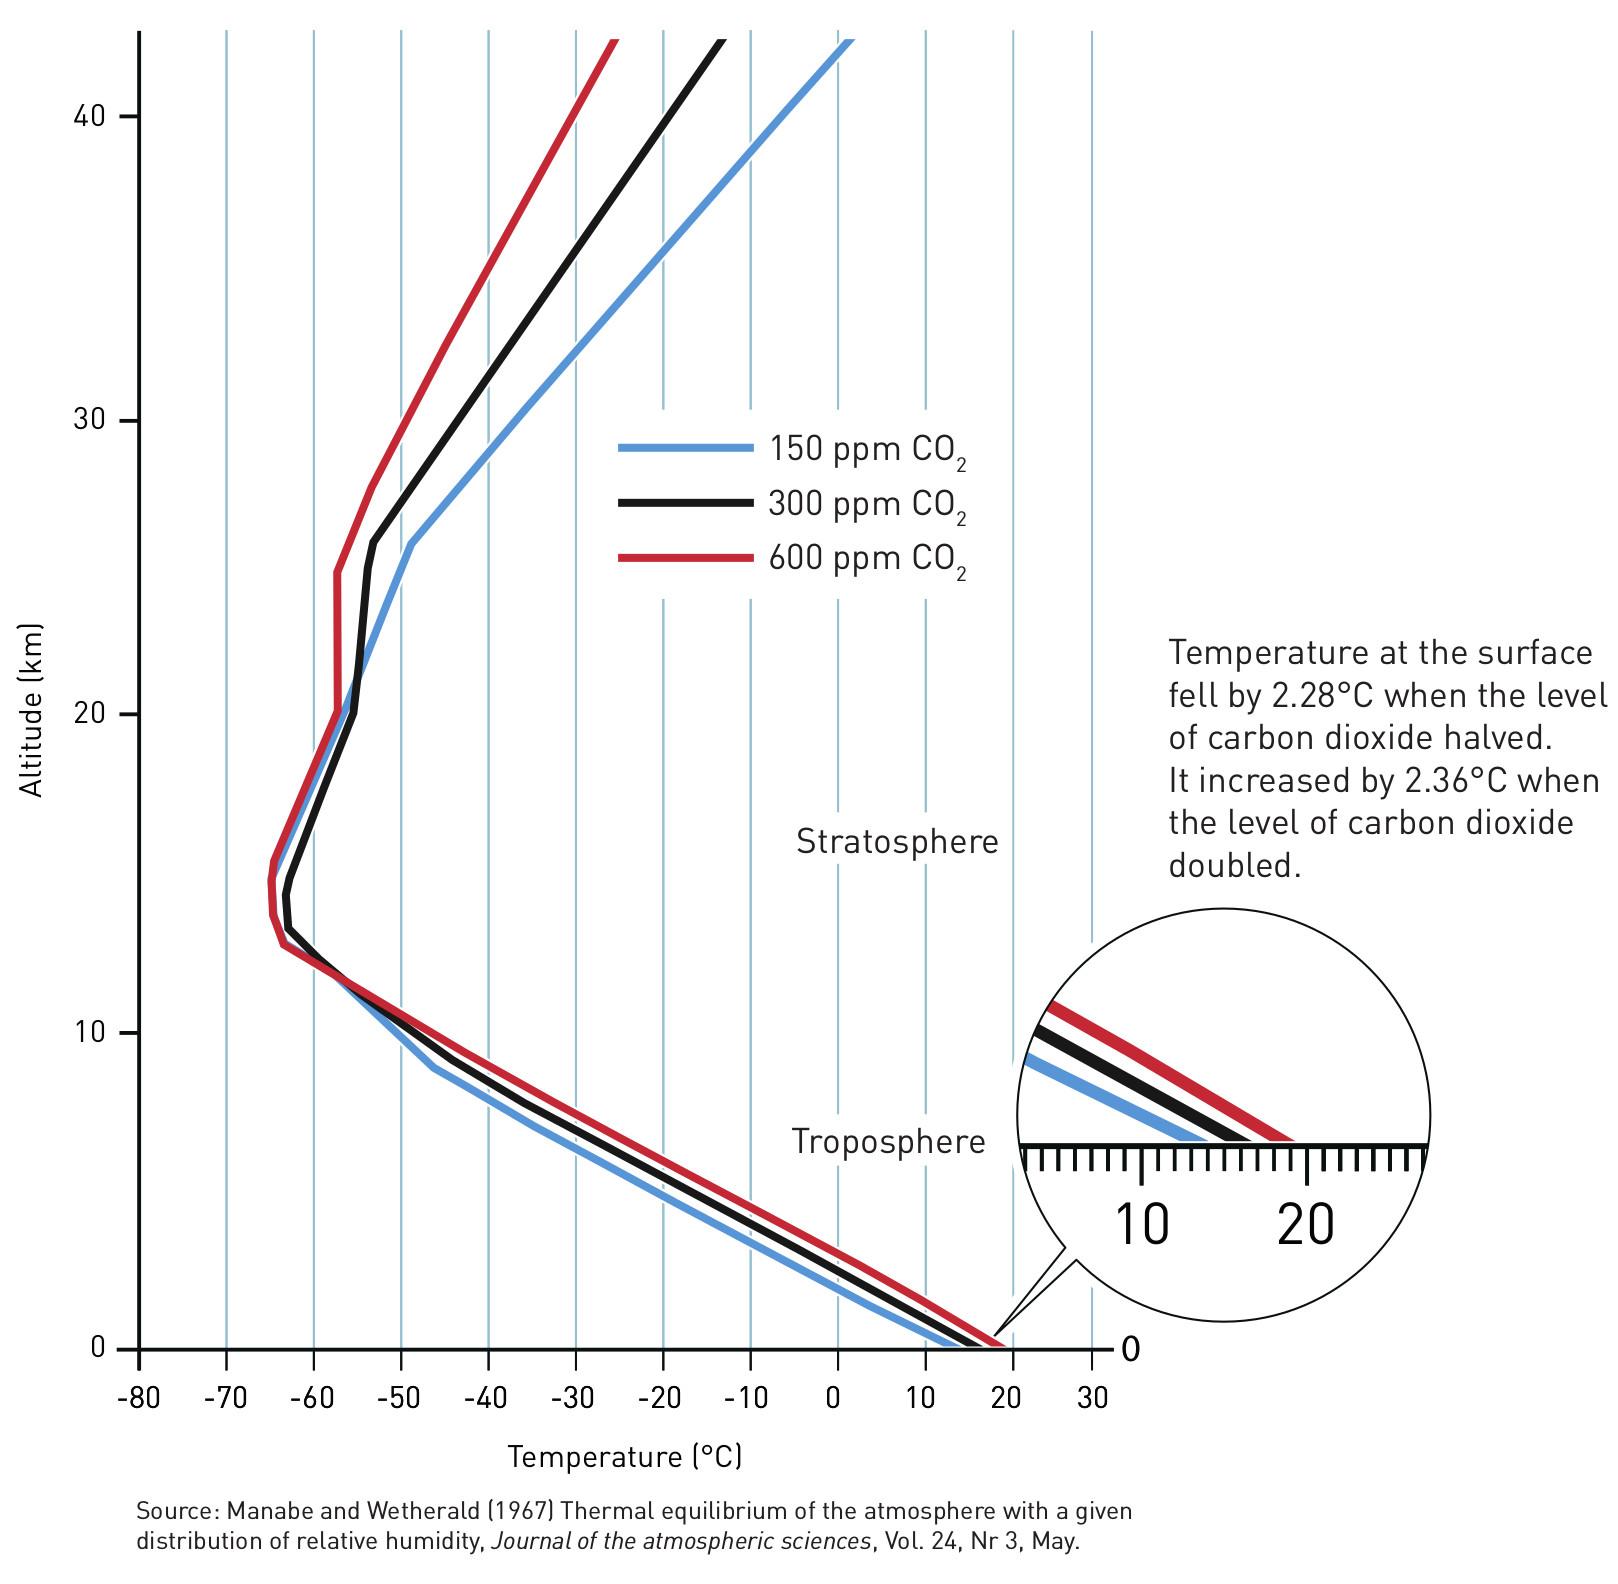 CO2 temperature impact